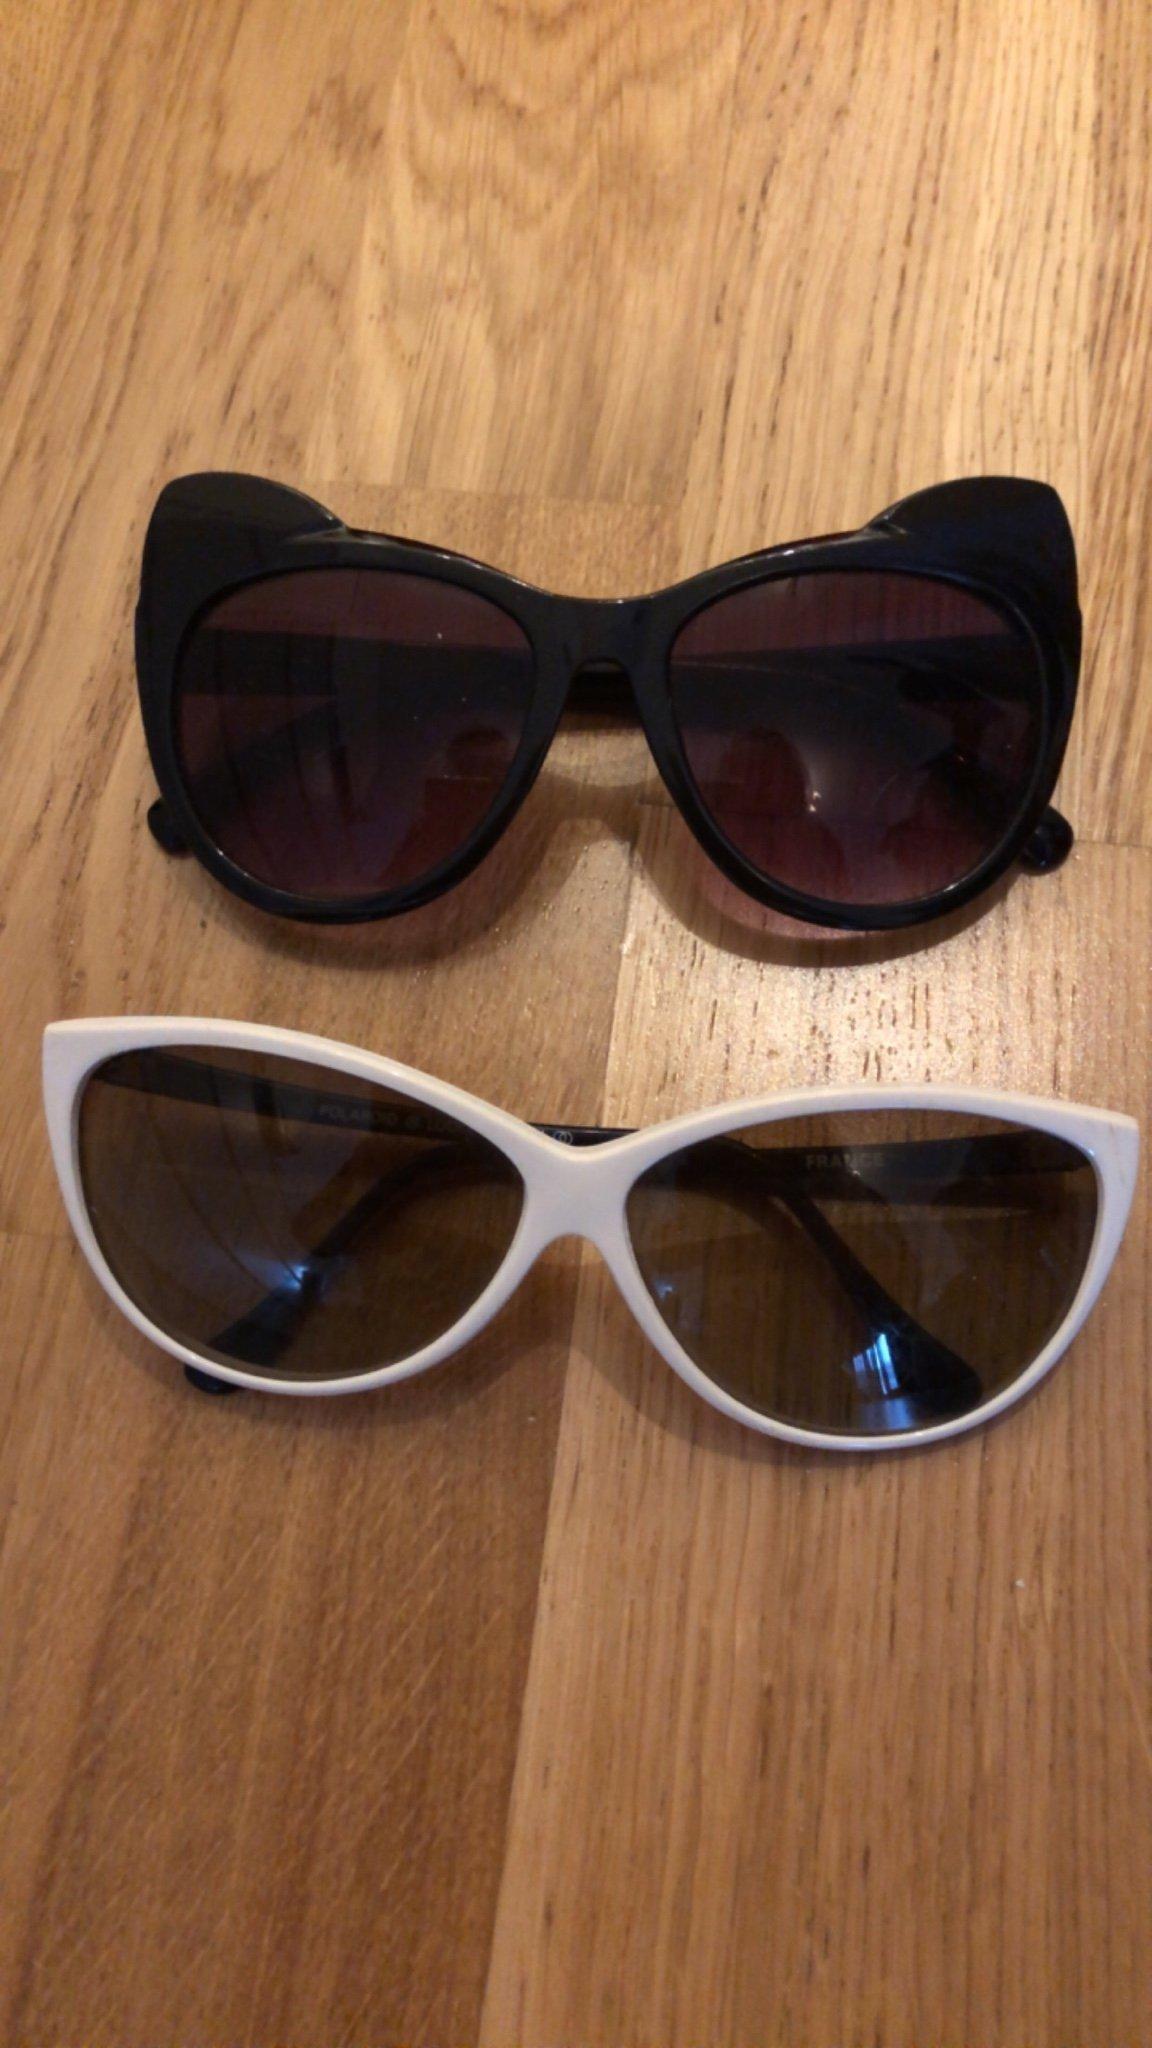 Solglasögon 50 tals cat eye retro rockabilly vintage